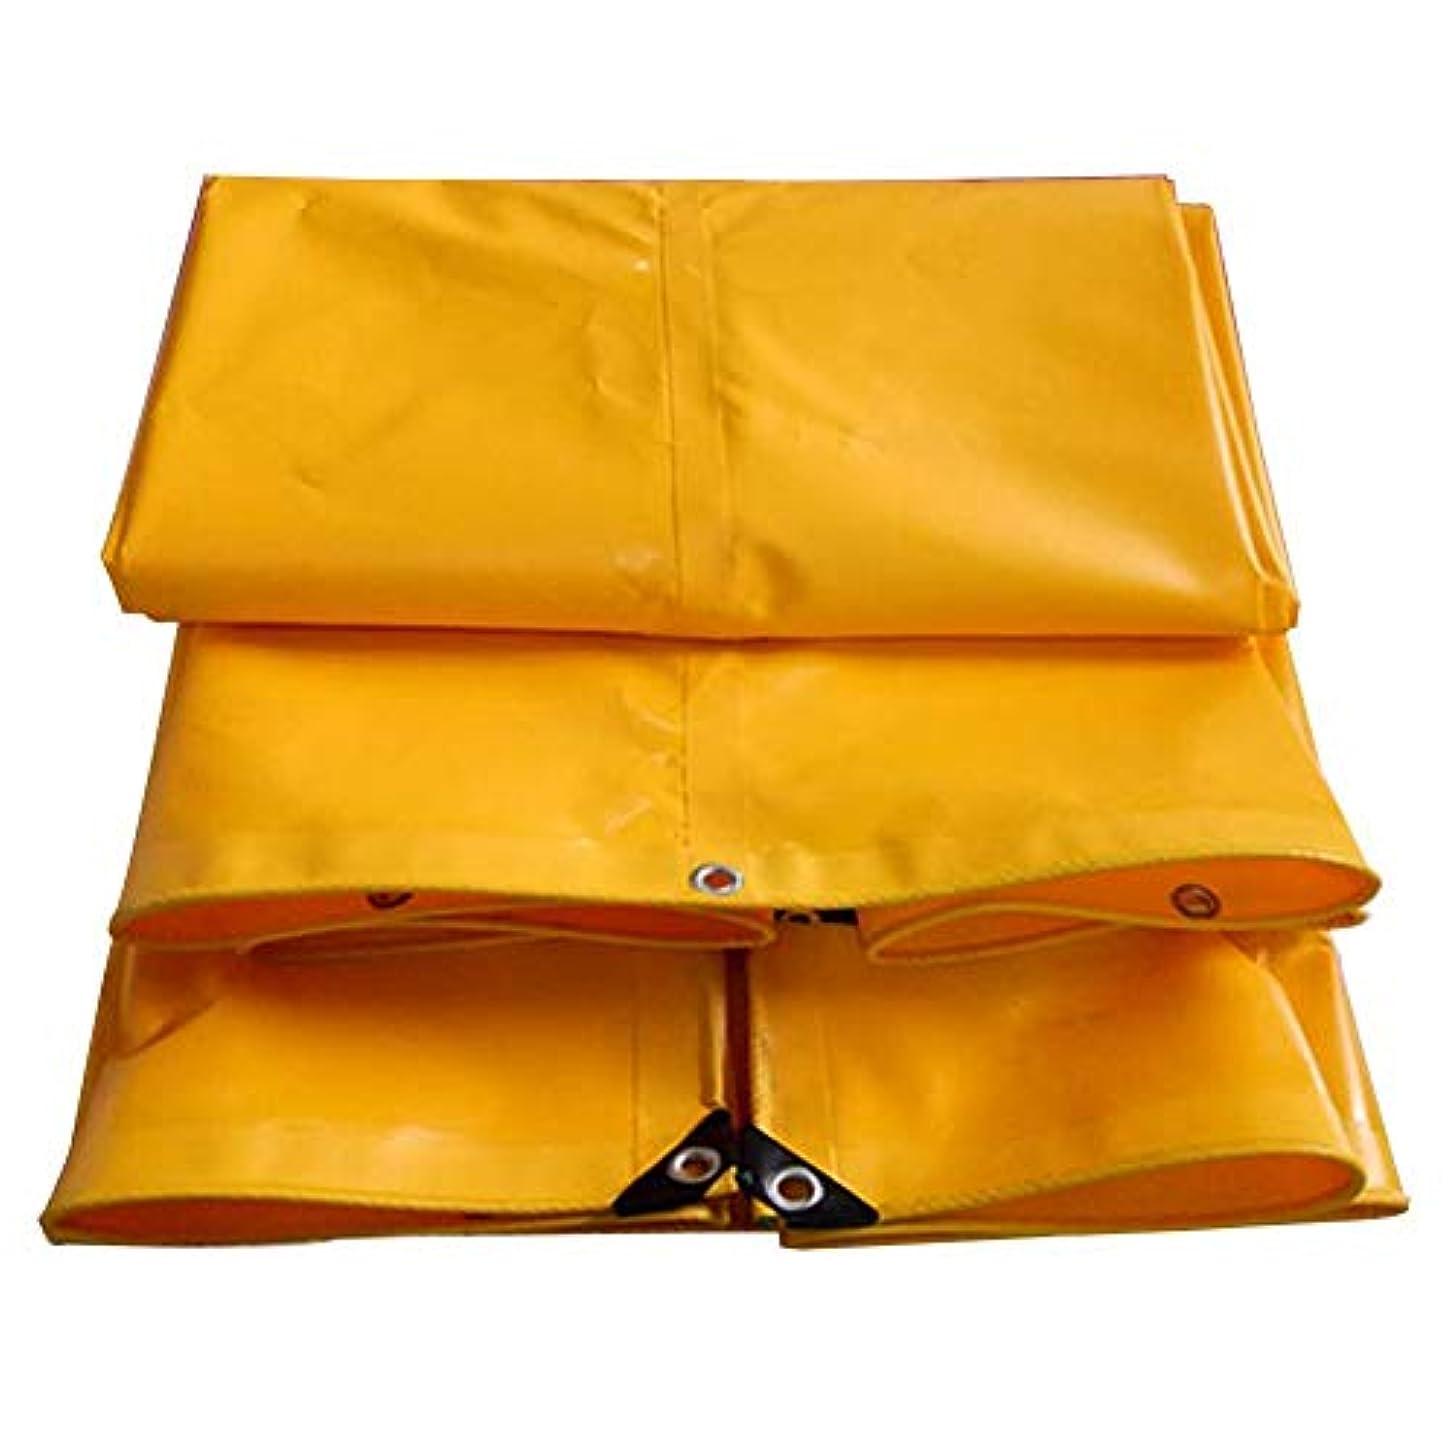 保全貫入密接に19-yiruculture 防水布防水防水シート防水防水シートキャンプマットカーゴ日焼け止め絶縁耐摩耗性、高温アンチエイジング (Color : 黄, サイズ : 2x1.5M)